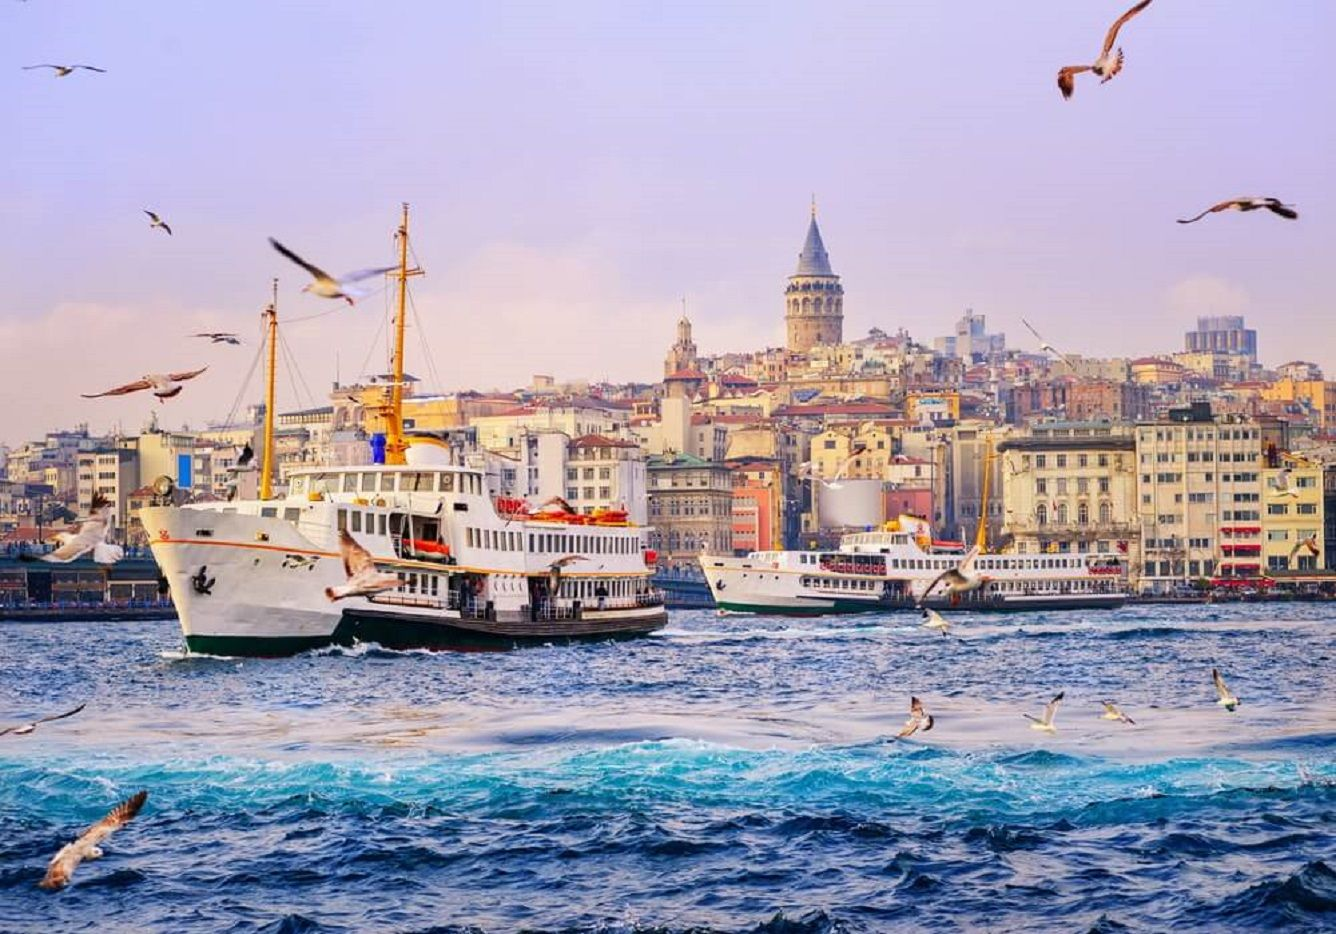 5 Tempat Wisata di Turki yang Harus Kamu Kunjungi!